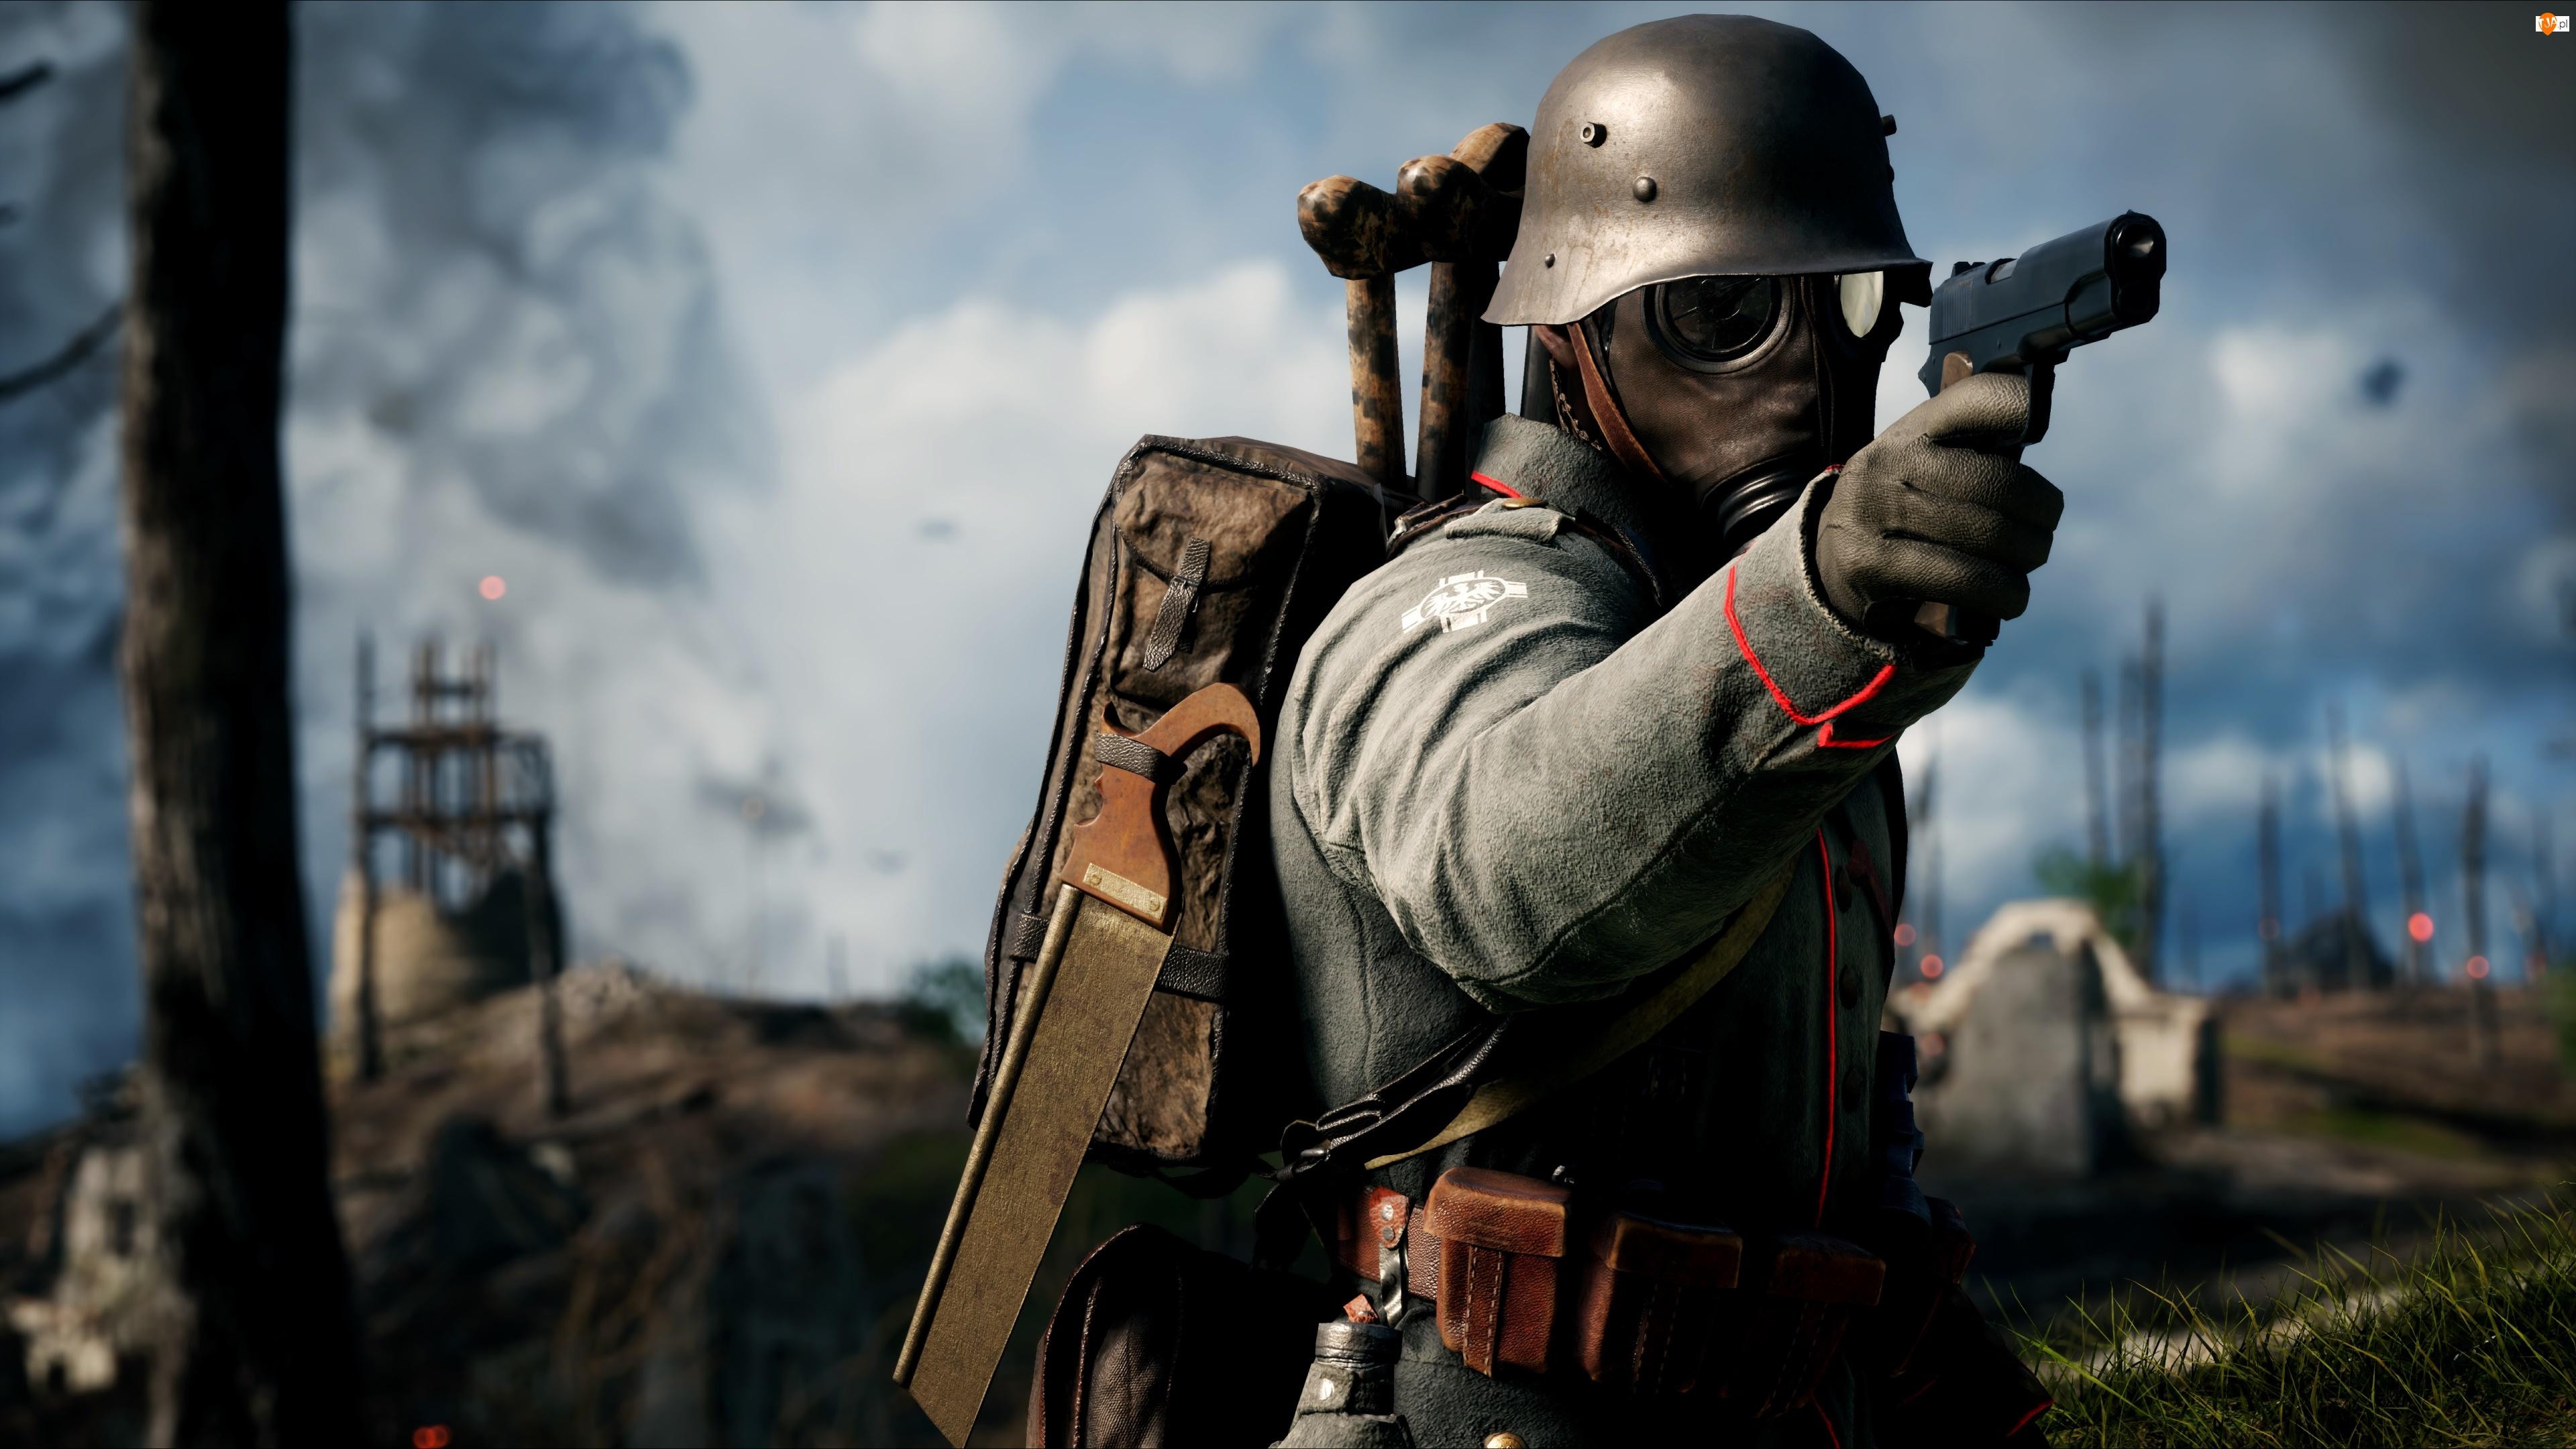 Mundur, Plecak, Battlefield 1, Hełm, Gra, Maska przeciwgazowa, Żołnierz, Pistolet